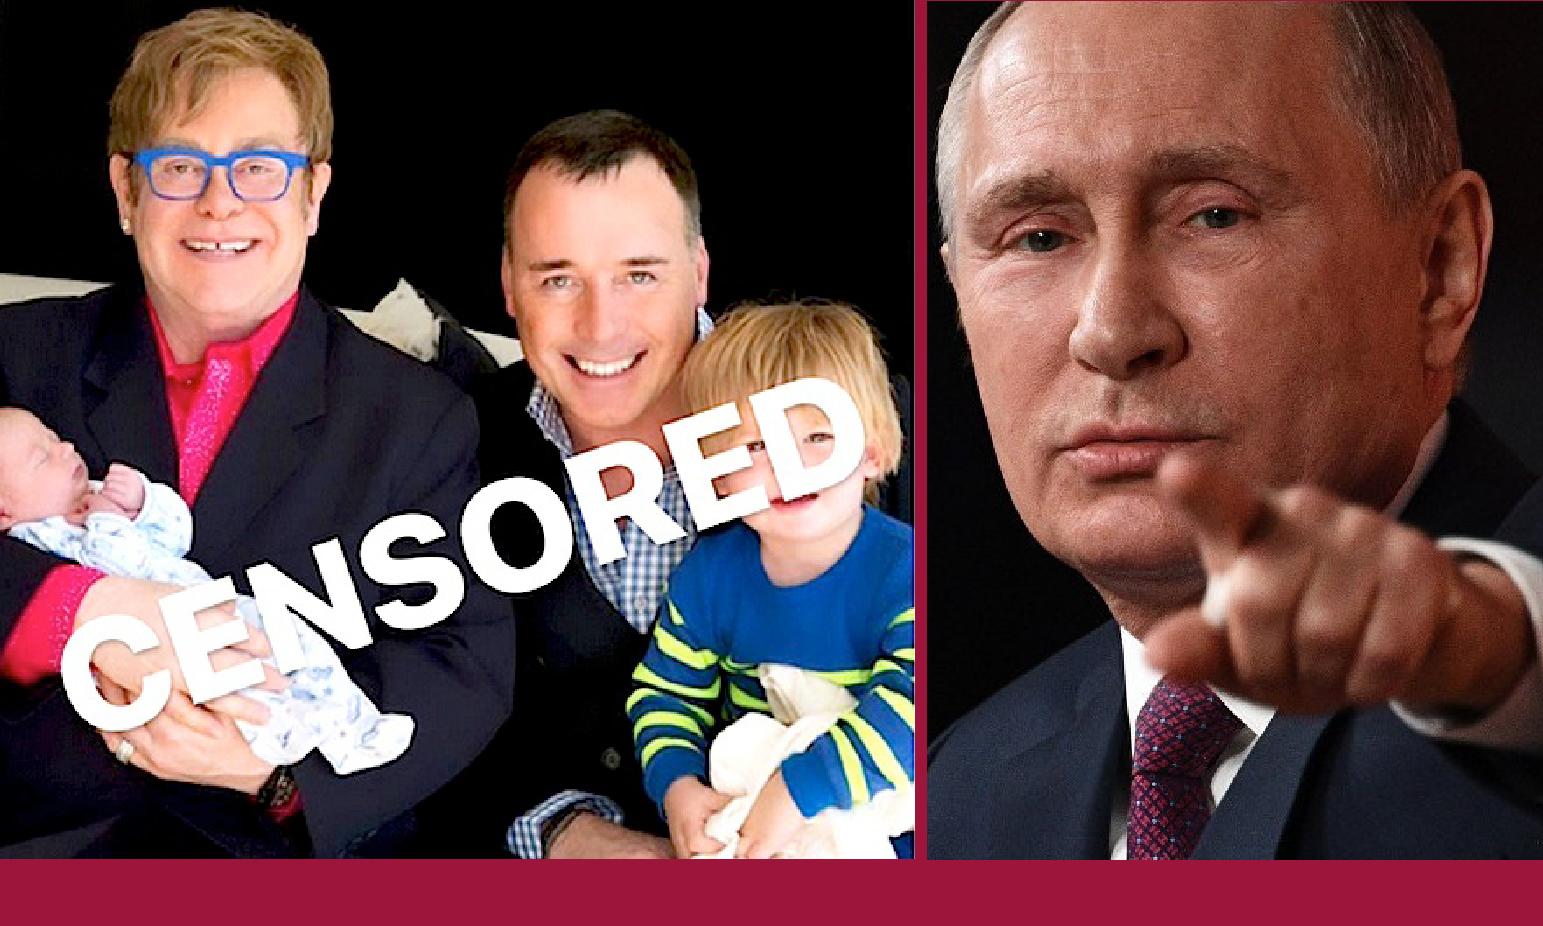 RUSSIA: FILM GAY TAGLIATO, ELTON JOHN PROTESTA CON PUTIN